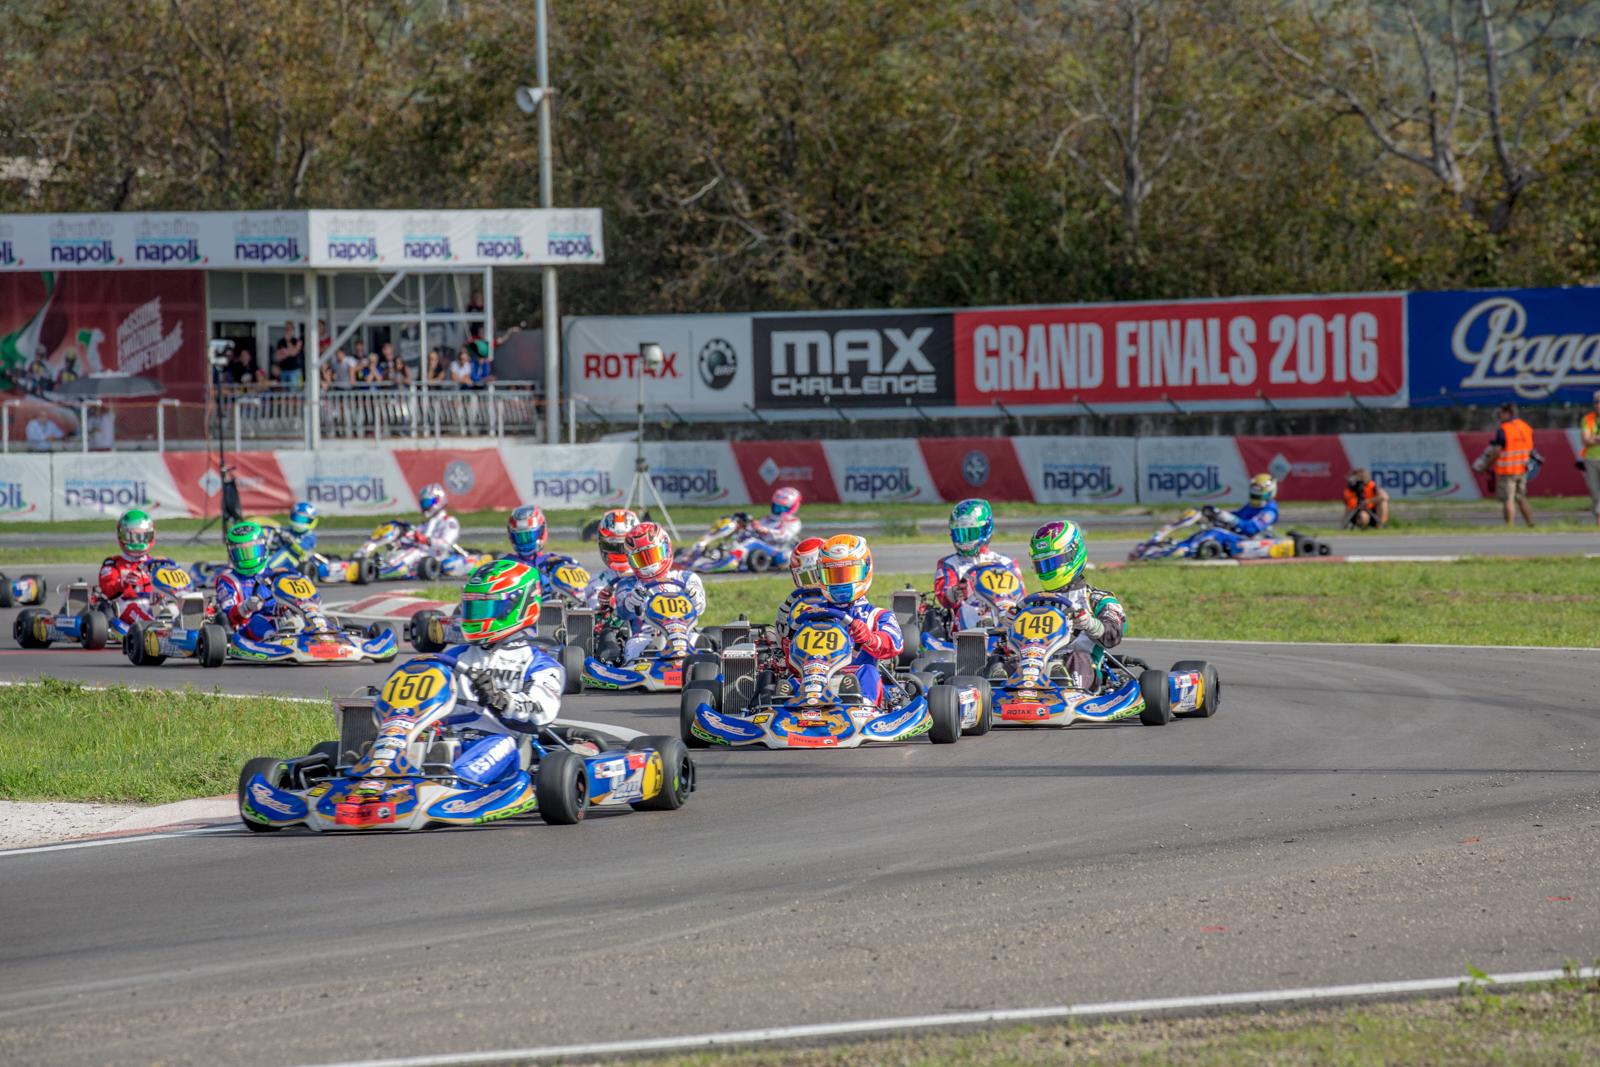 PHOTO REPORT: Rotax Grand Finals Sarno 2016